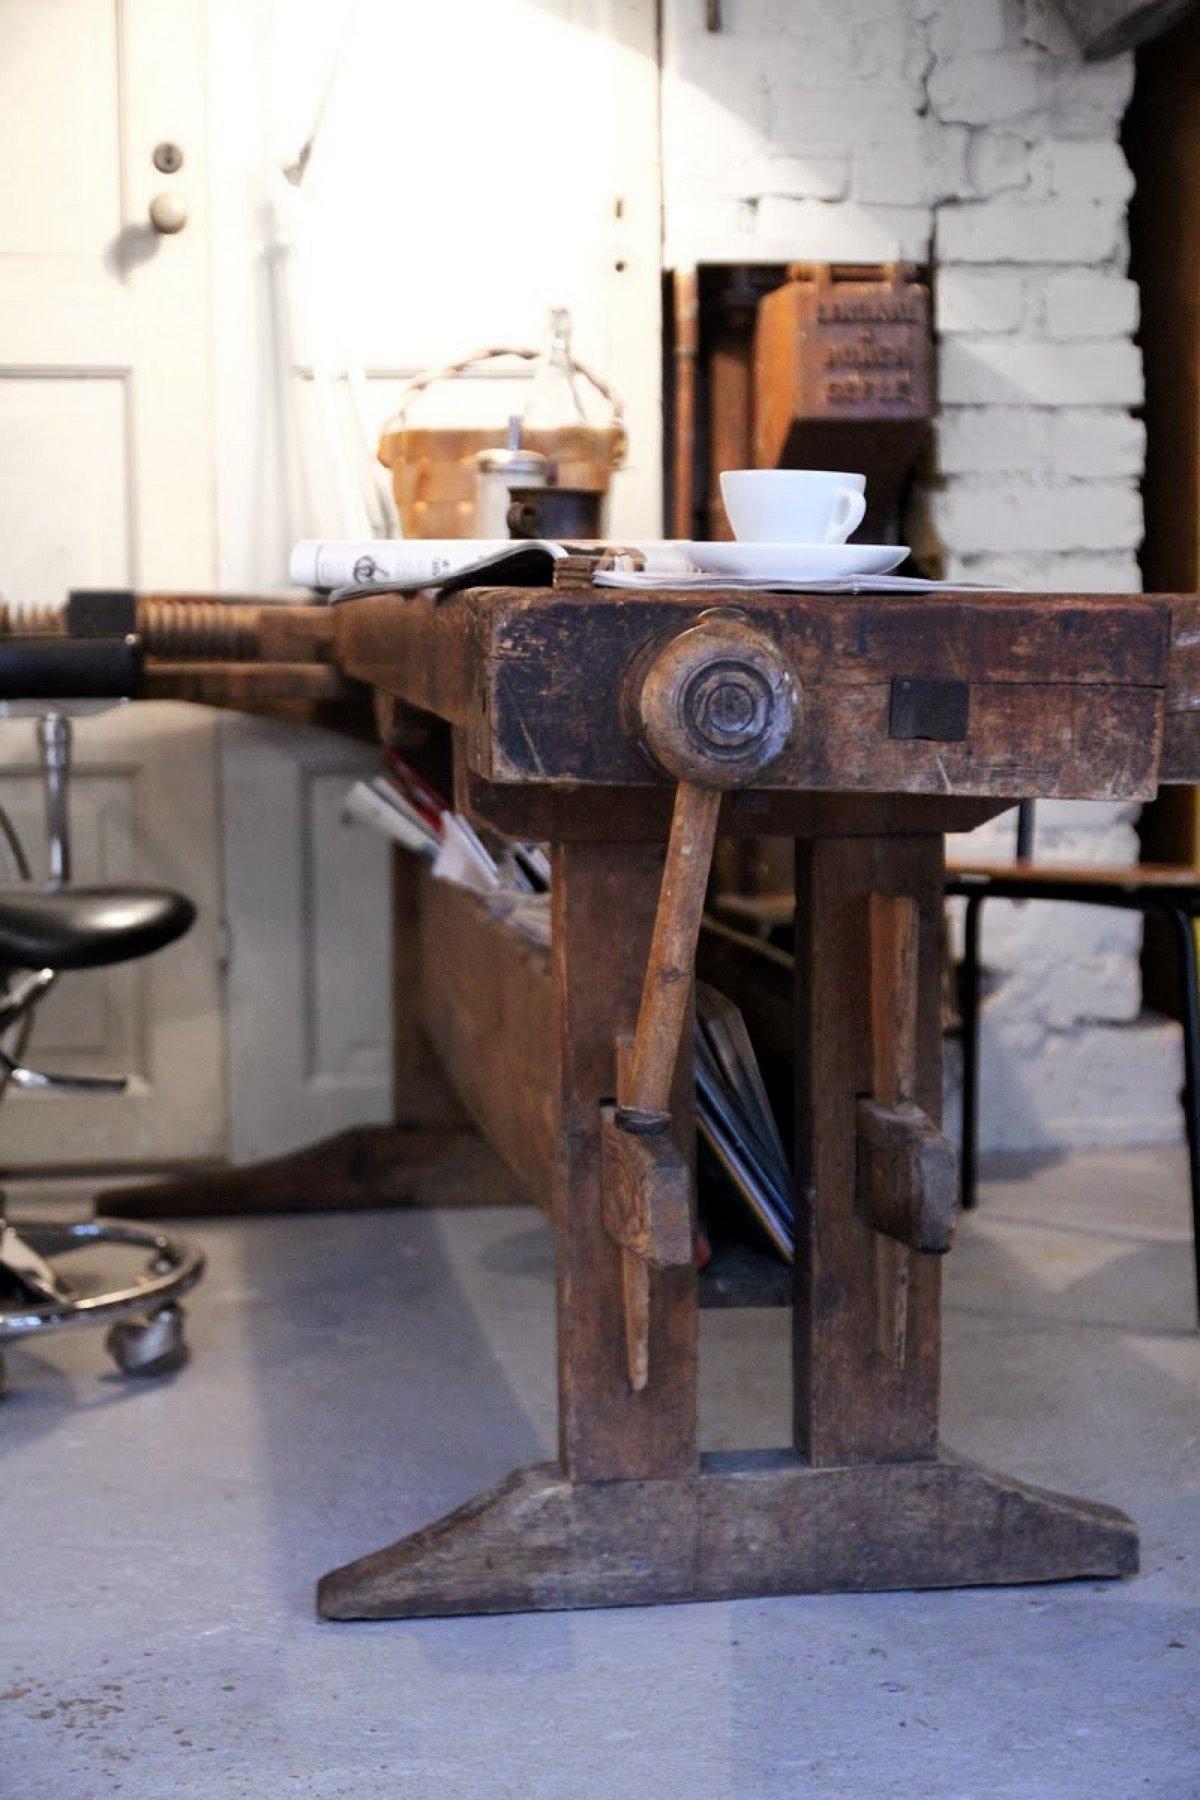 индустриальный стиль в интерьере квартиры стол в виде станка